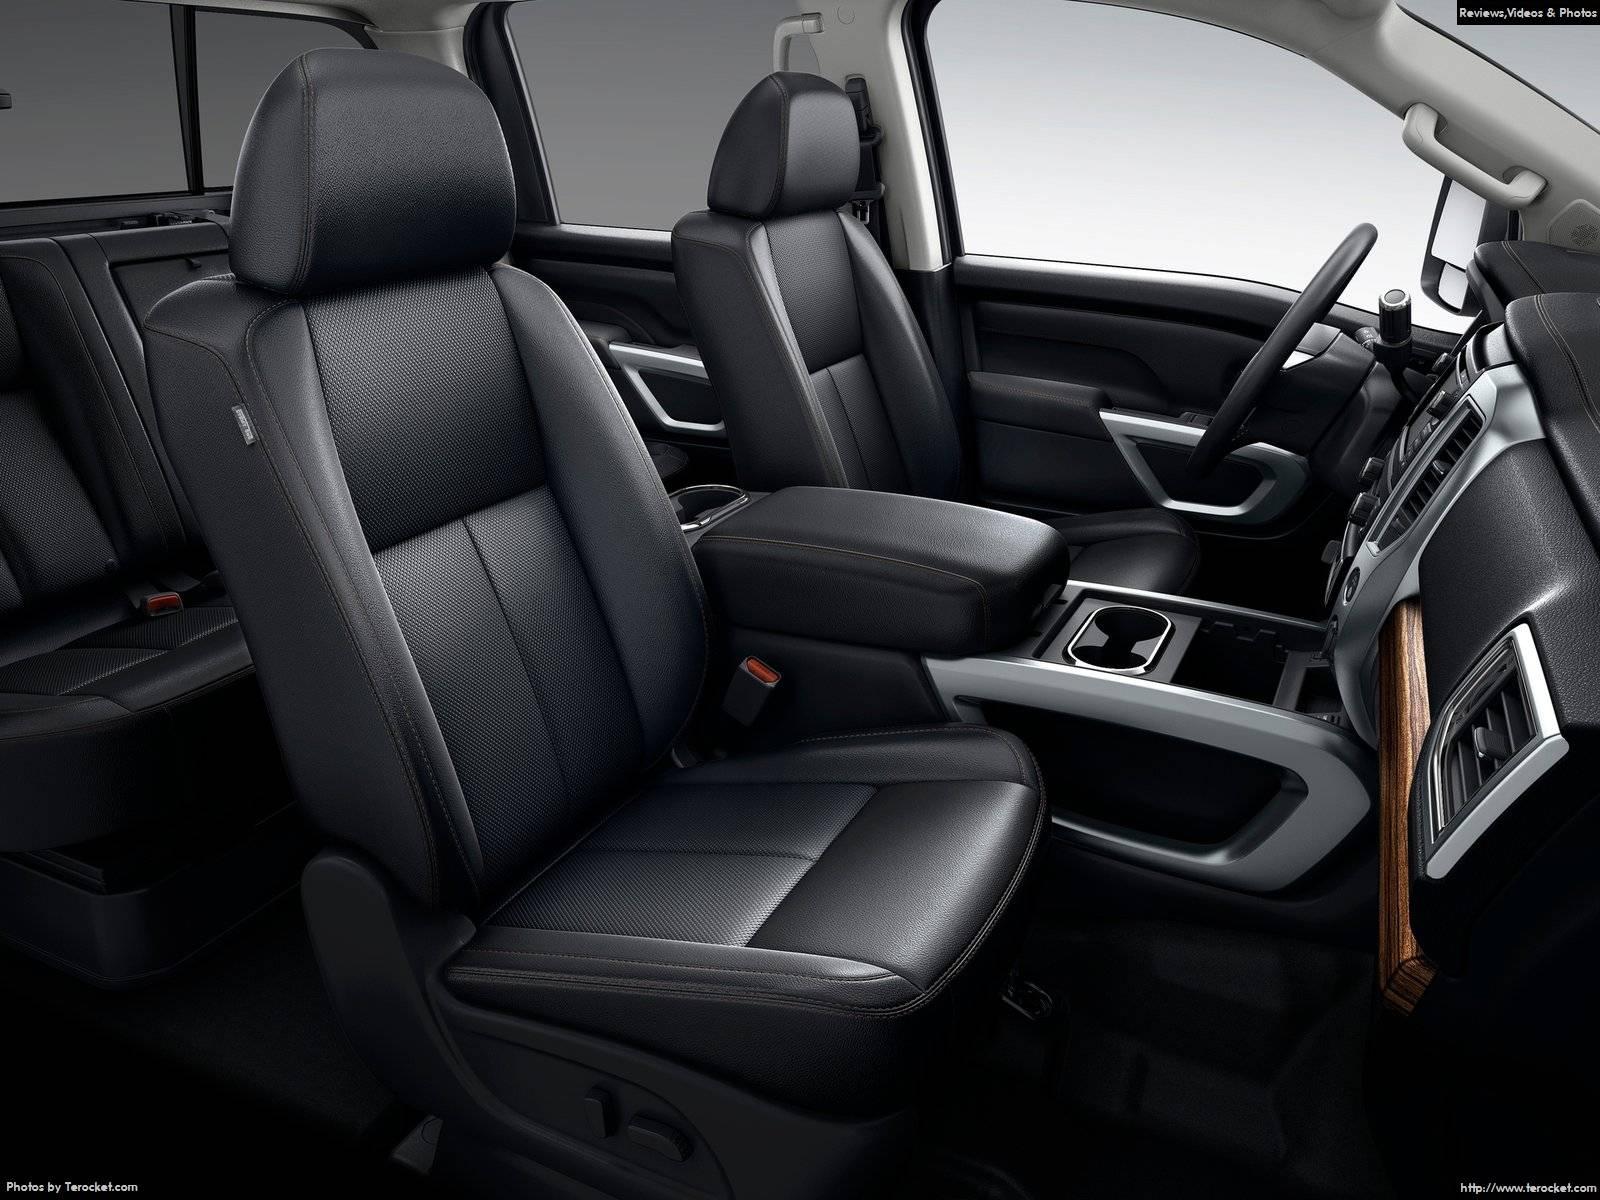 Hình ảnh xe ô tô Nissan Titan XD 2016 & nội ngoại thất